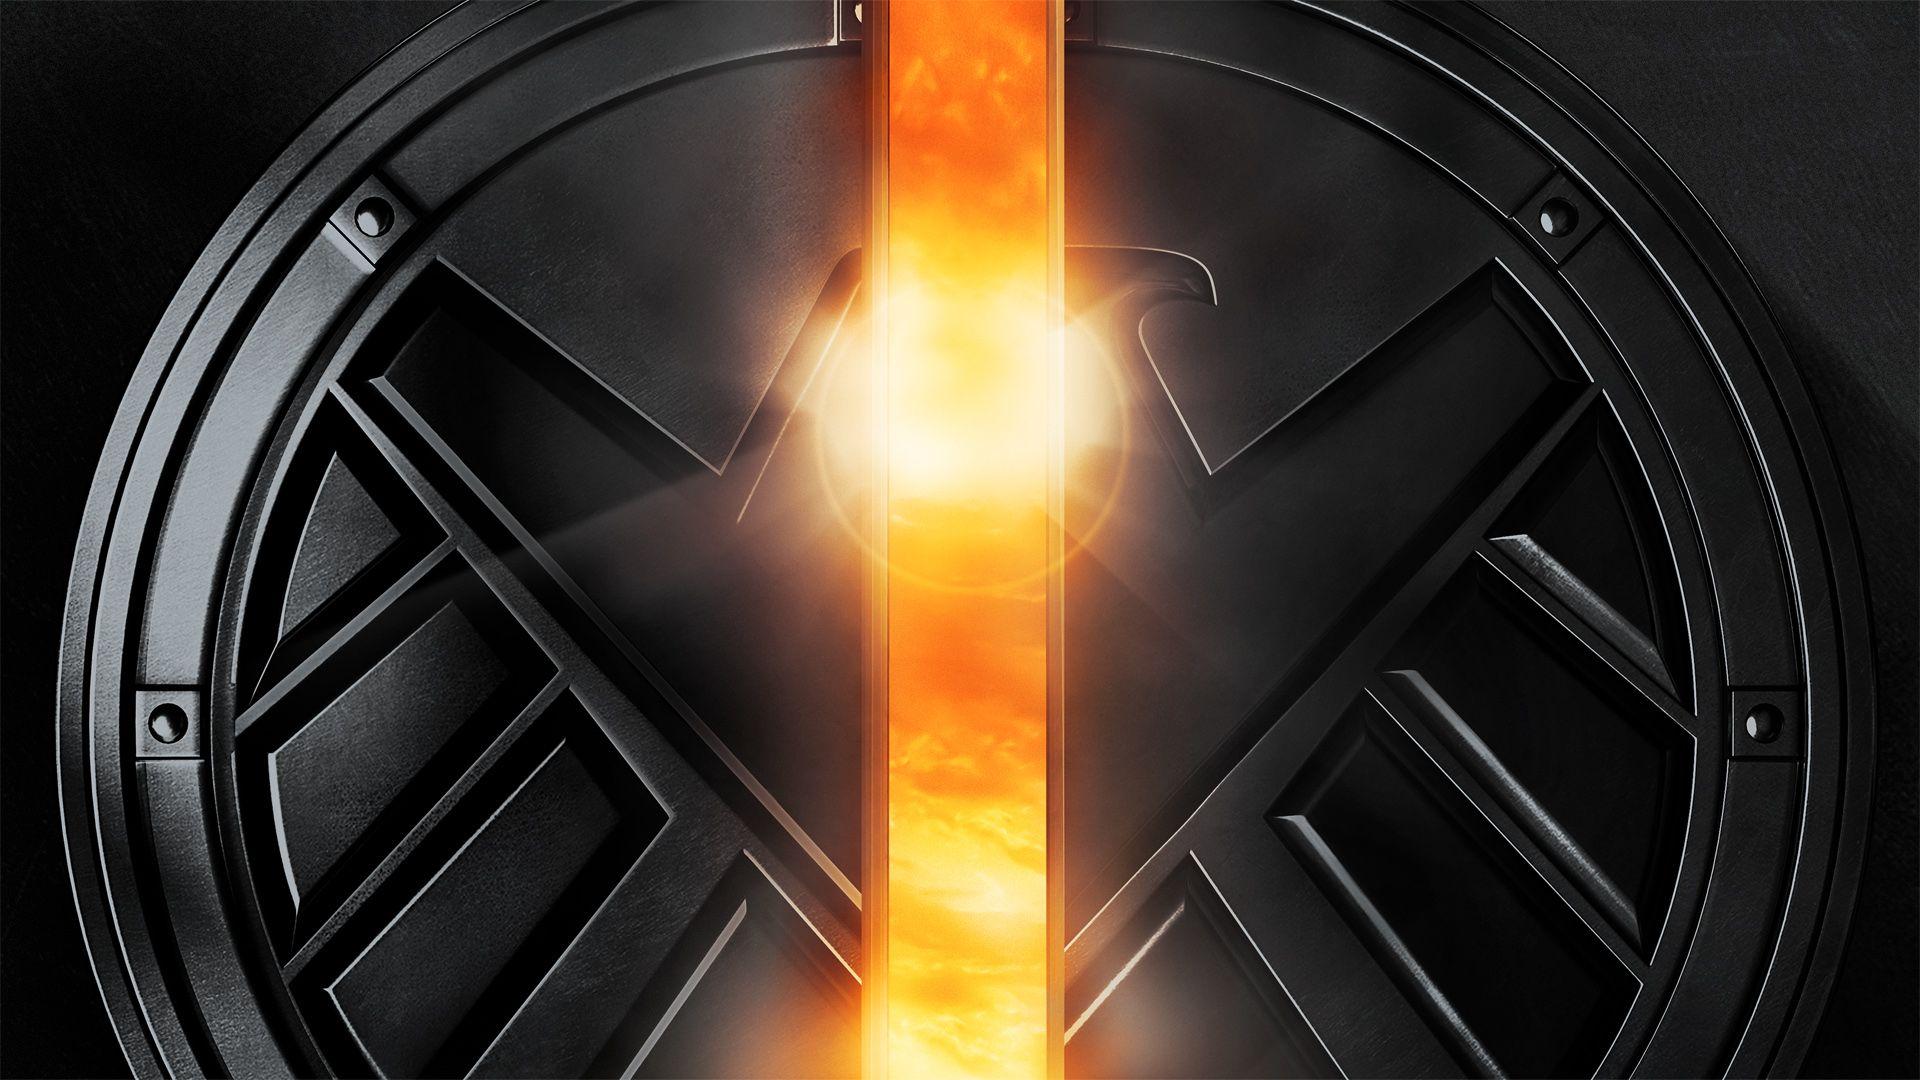 Wallpaper Marvel agents of shield